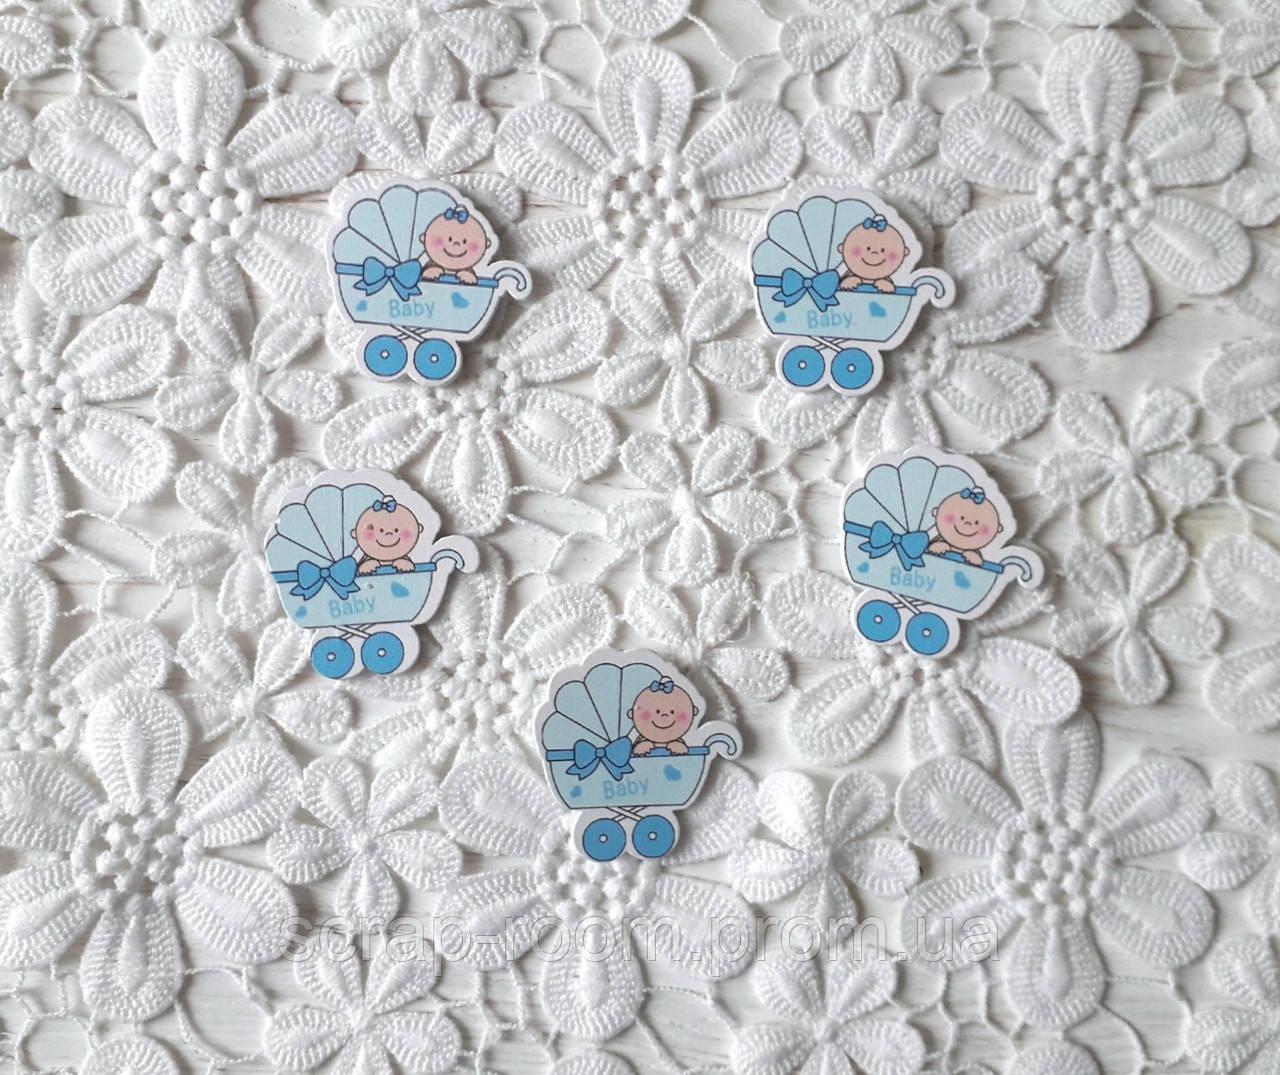 Деревянный кабошон детский Коляска с малышом мальчик голубой цвет